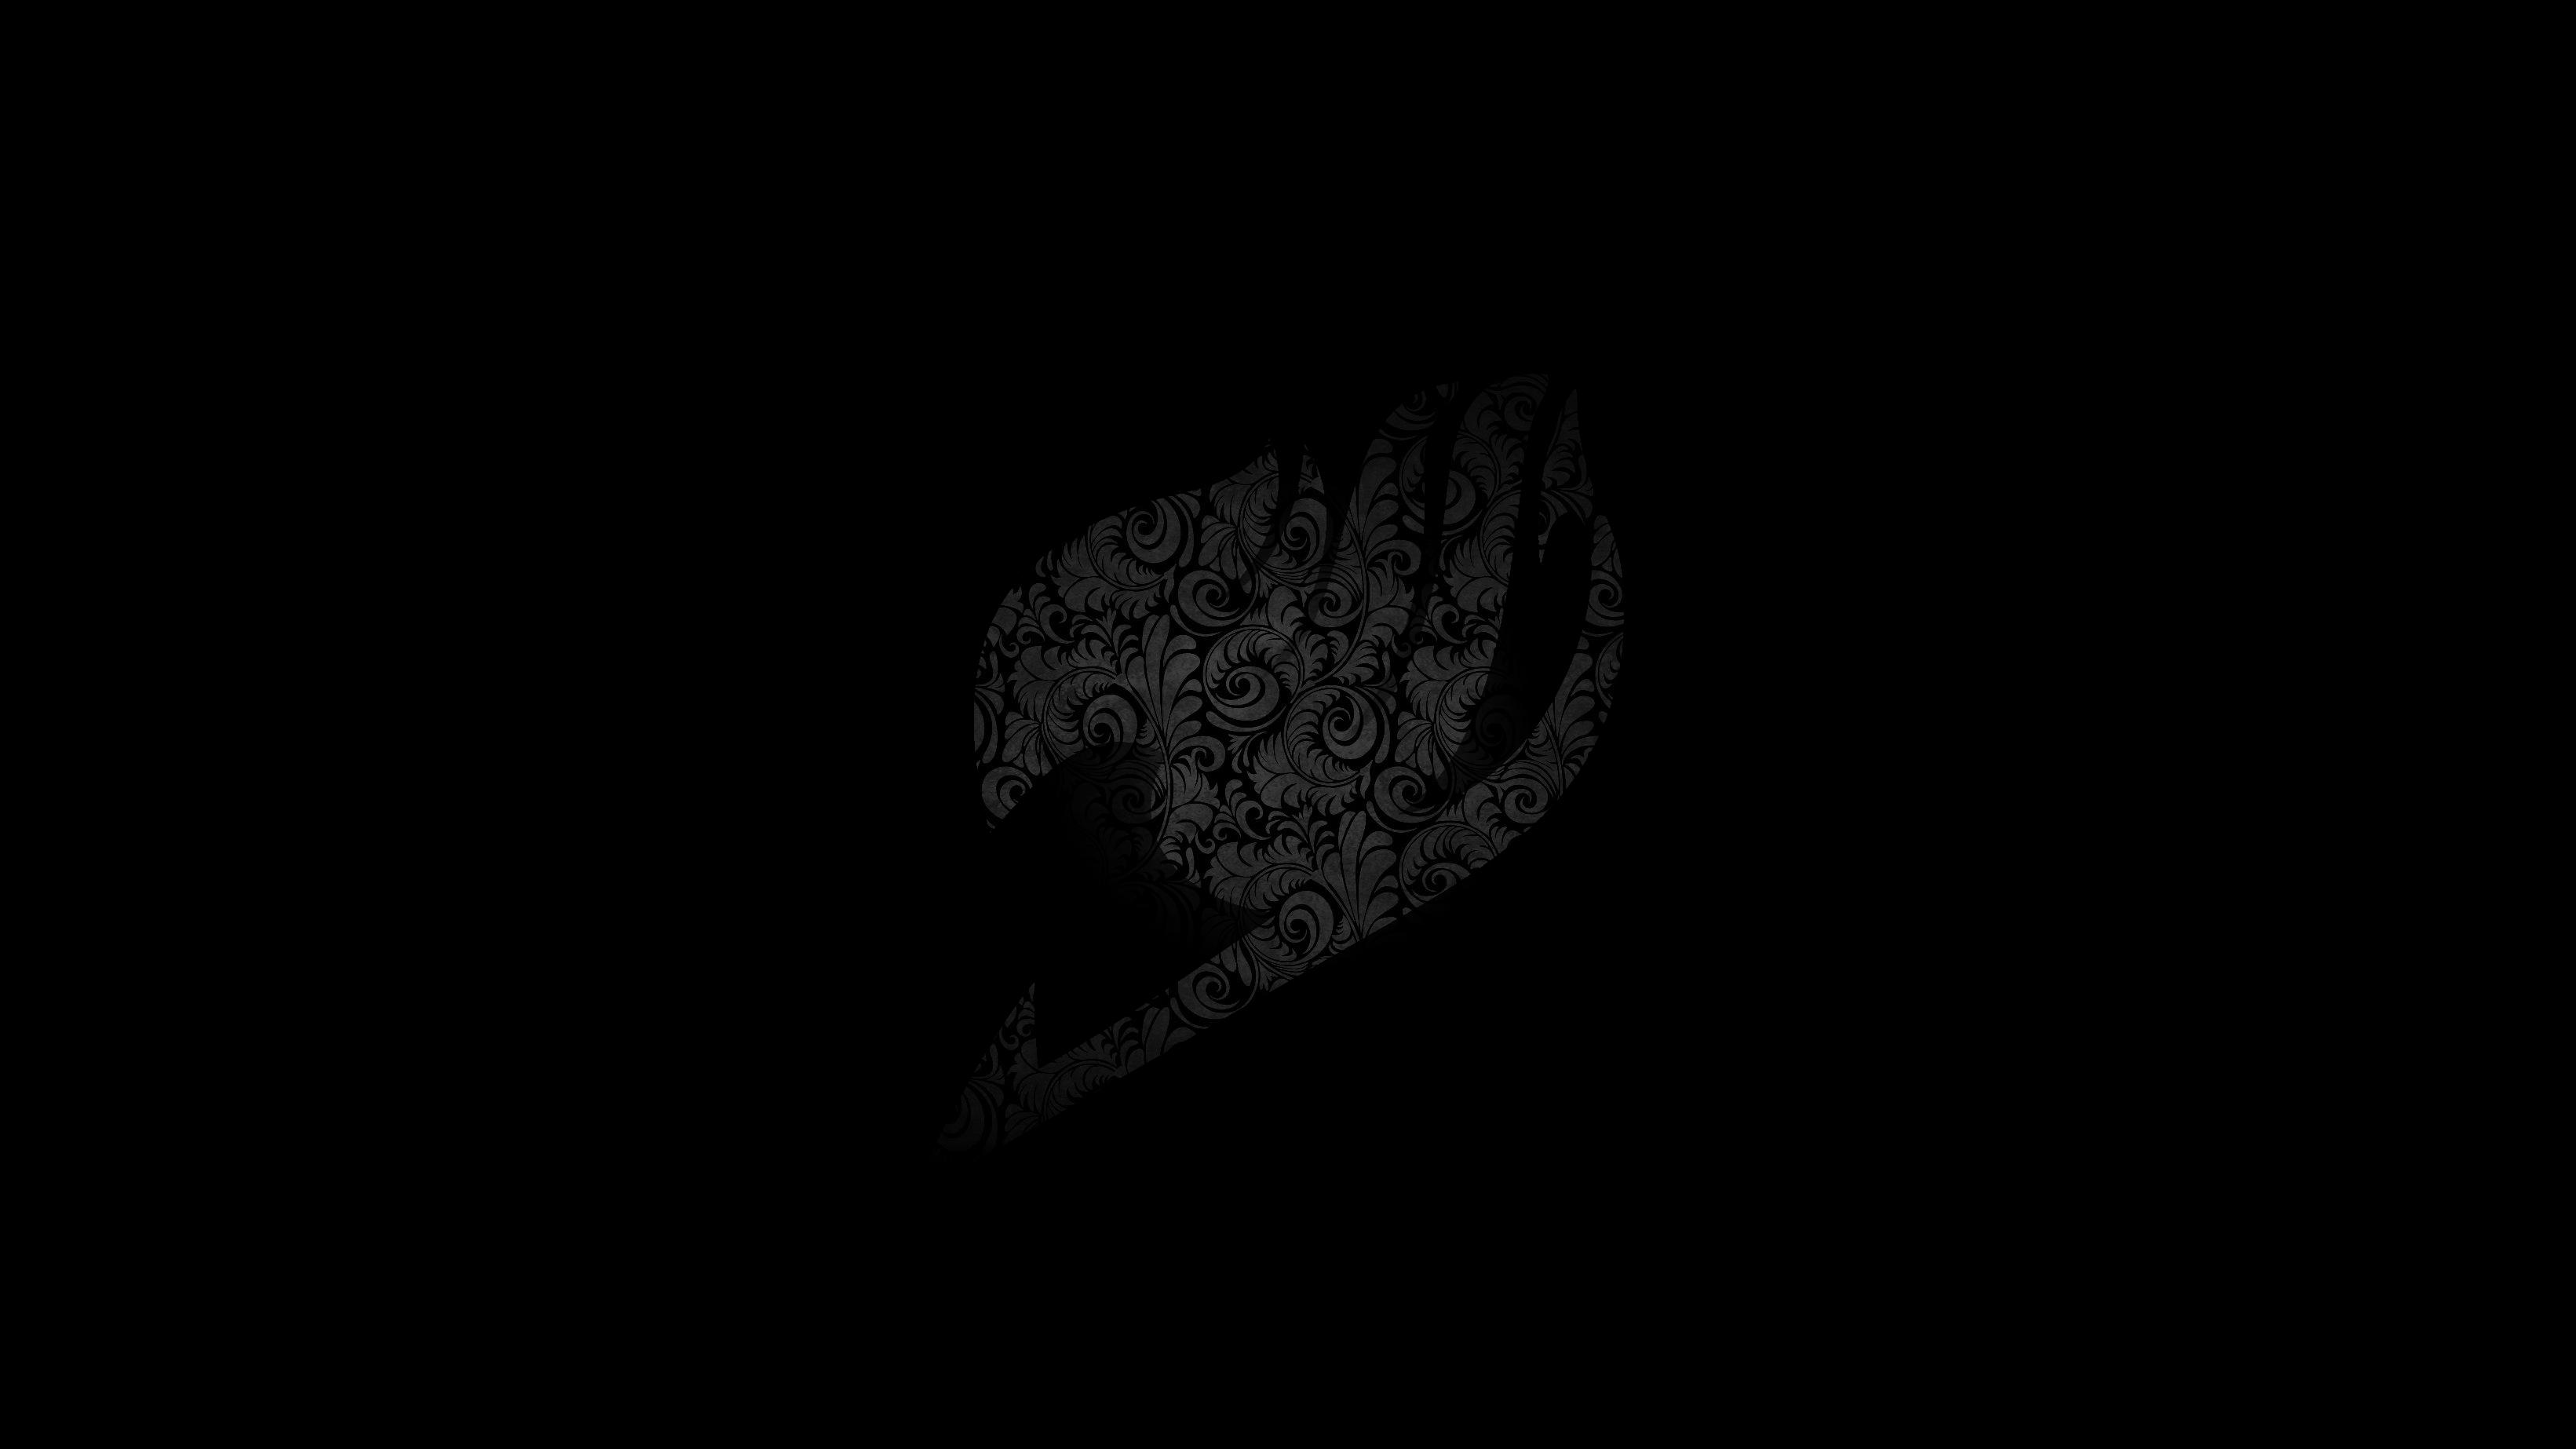 Fairytail Logo Background 1 by elegantensue on DeviantArt